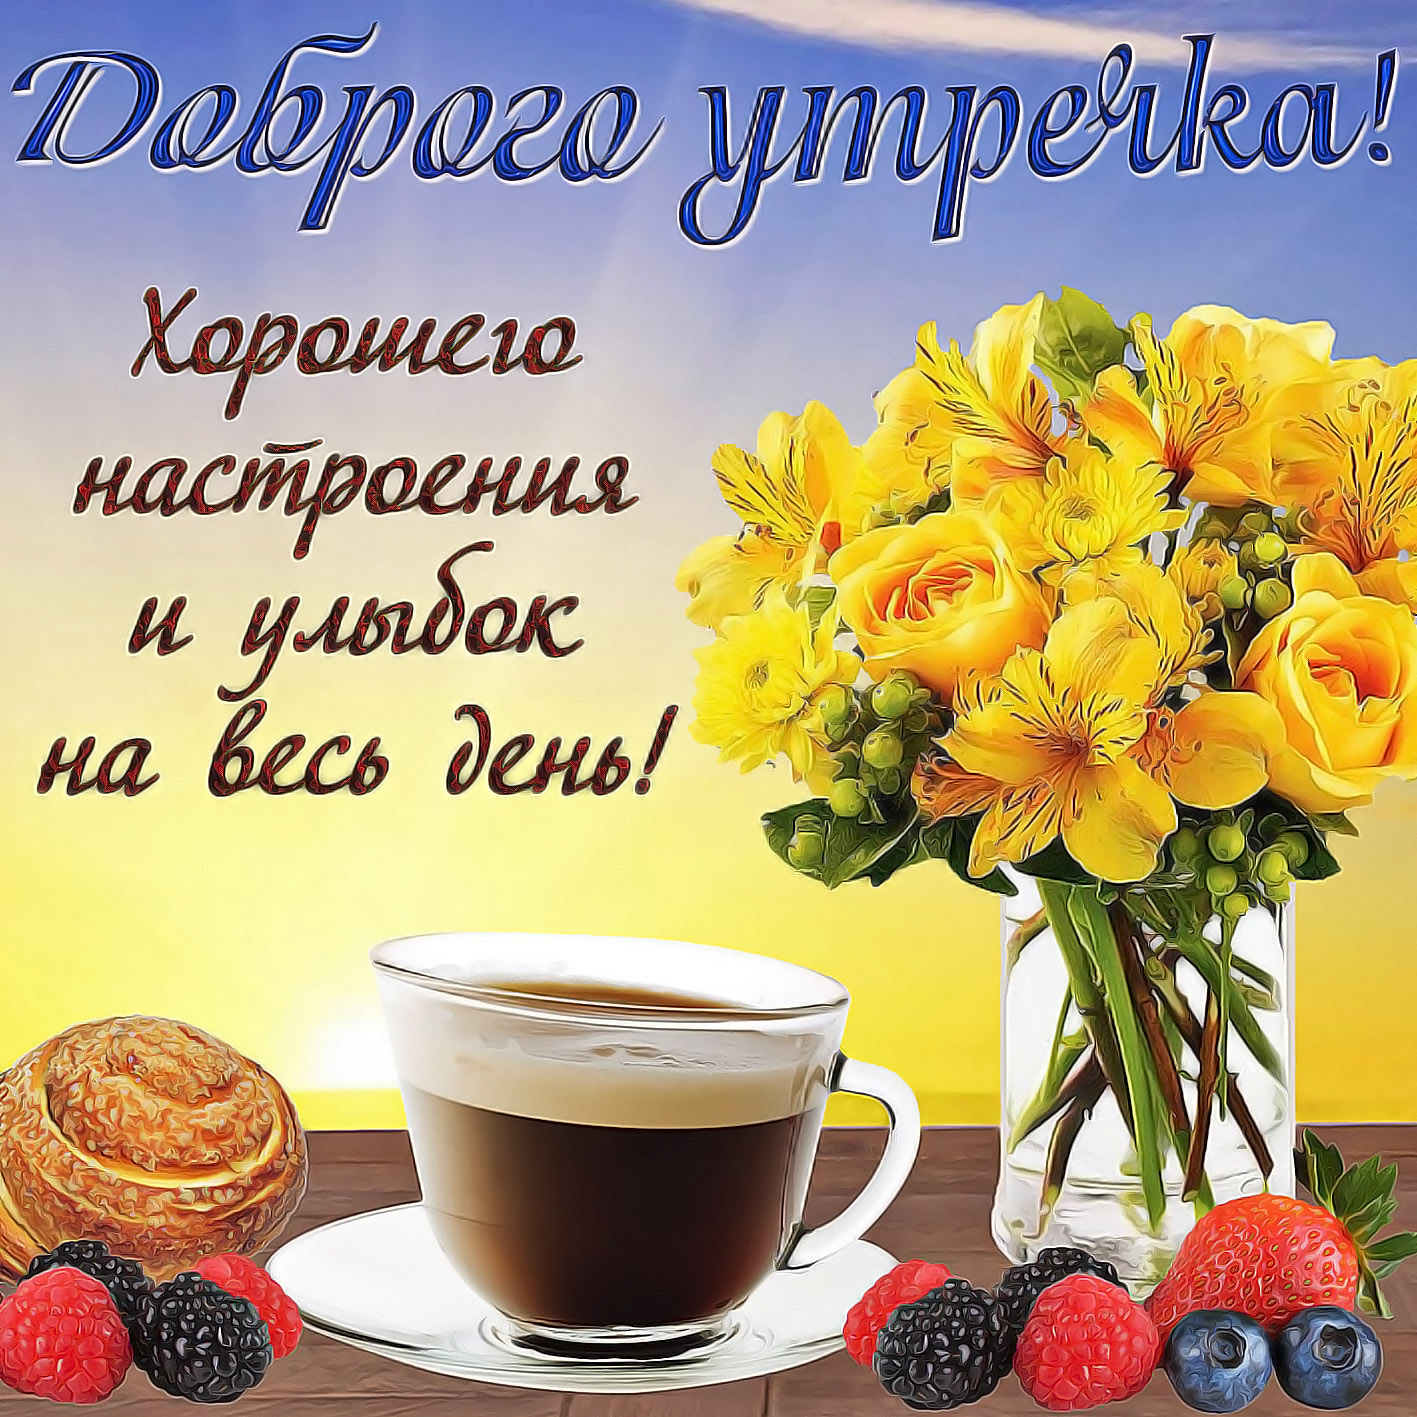 Открытка, свежие картинки с добрым утром и хорошего дня